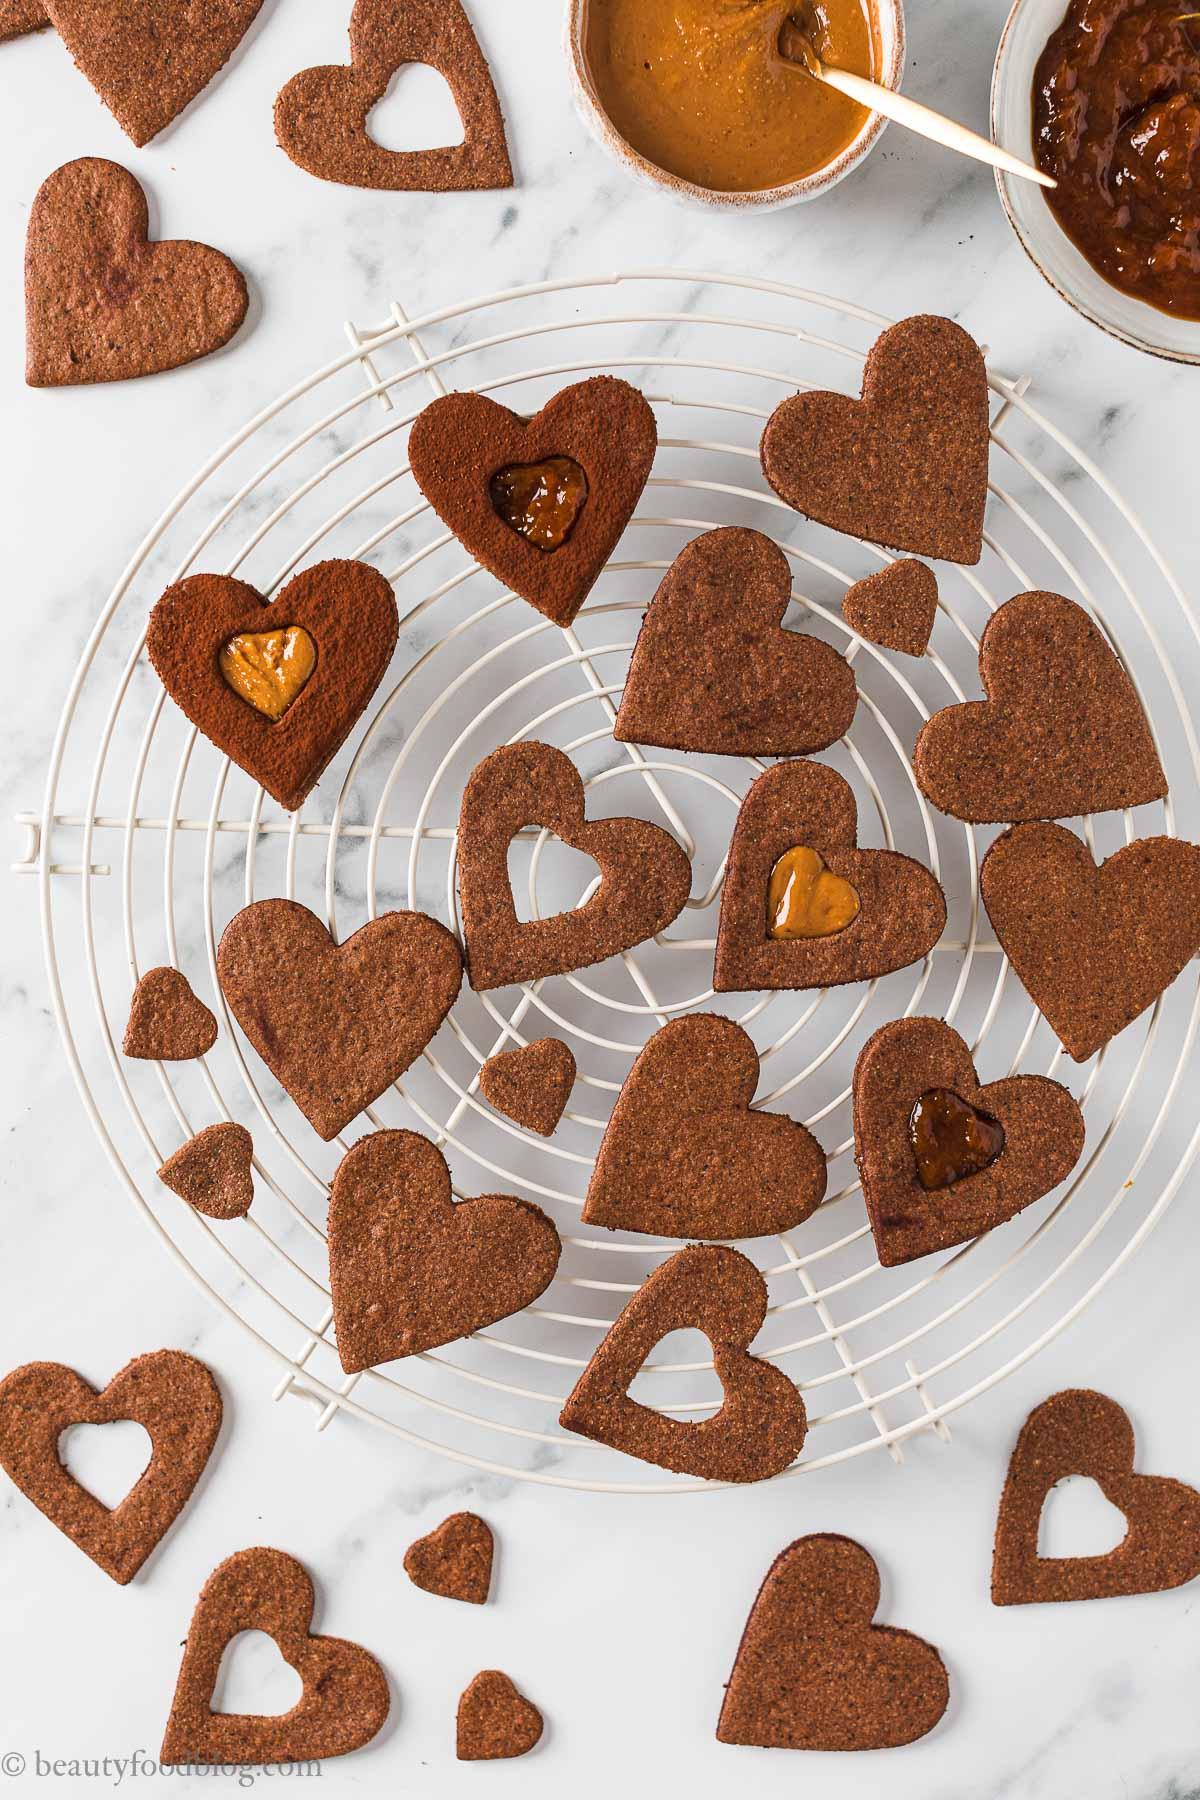 Ricetta Frollini vegani senza glutine al cacao e caffè biscotti gluten-free vegan chocolate almond Linzer cookies recipe